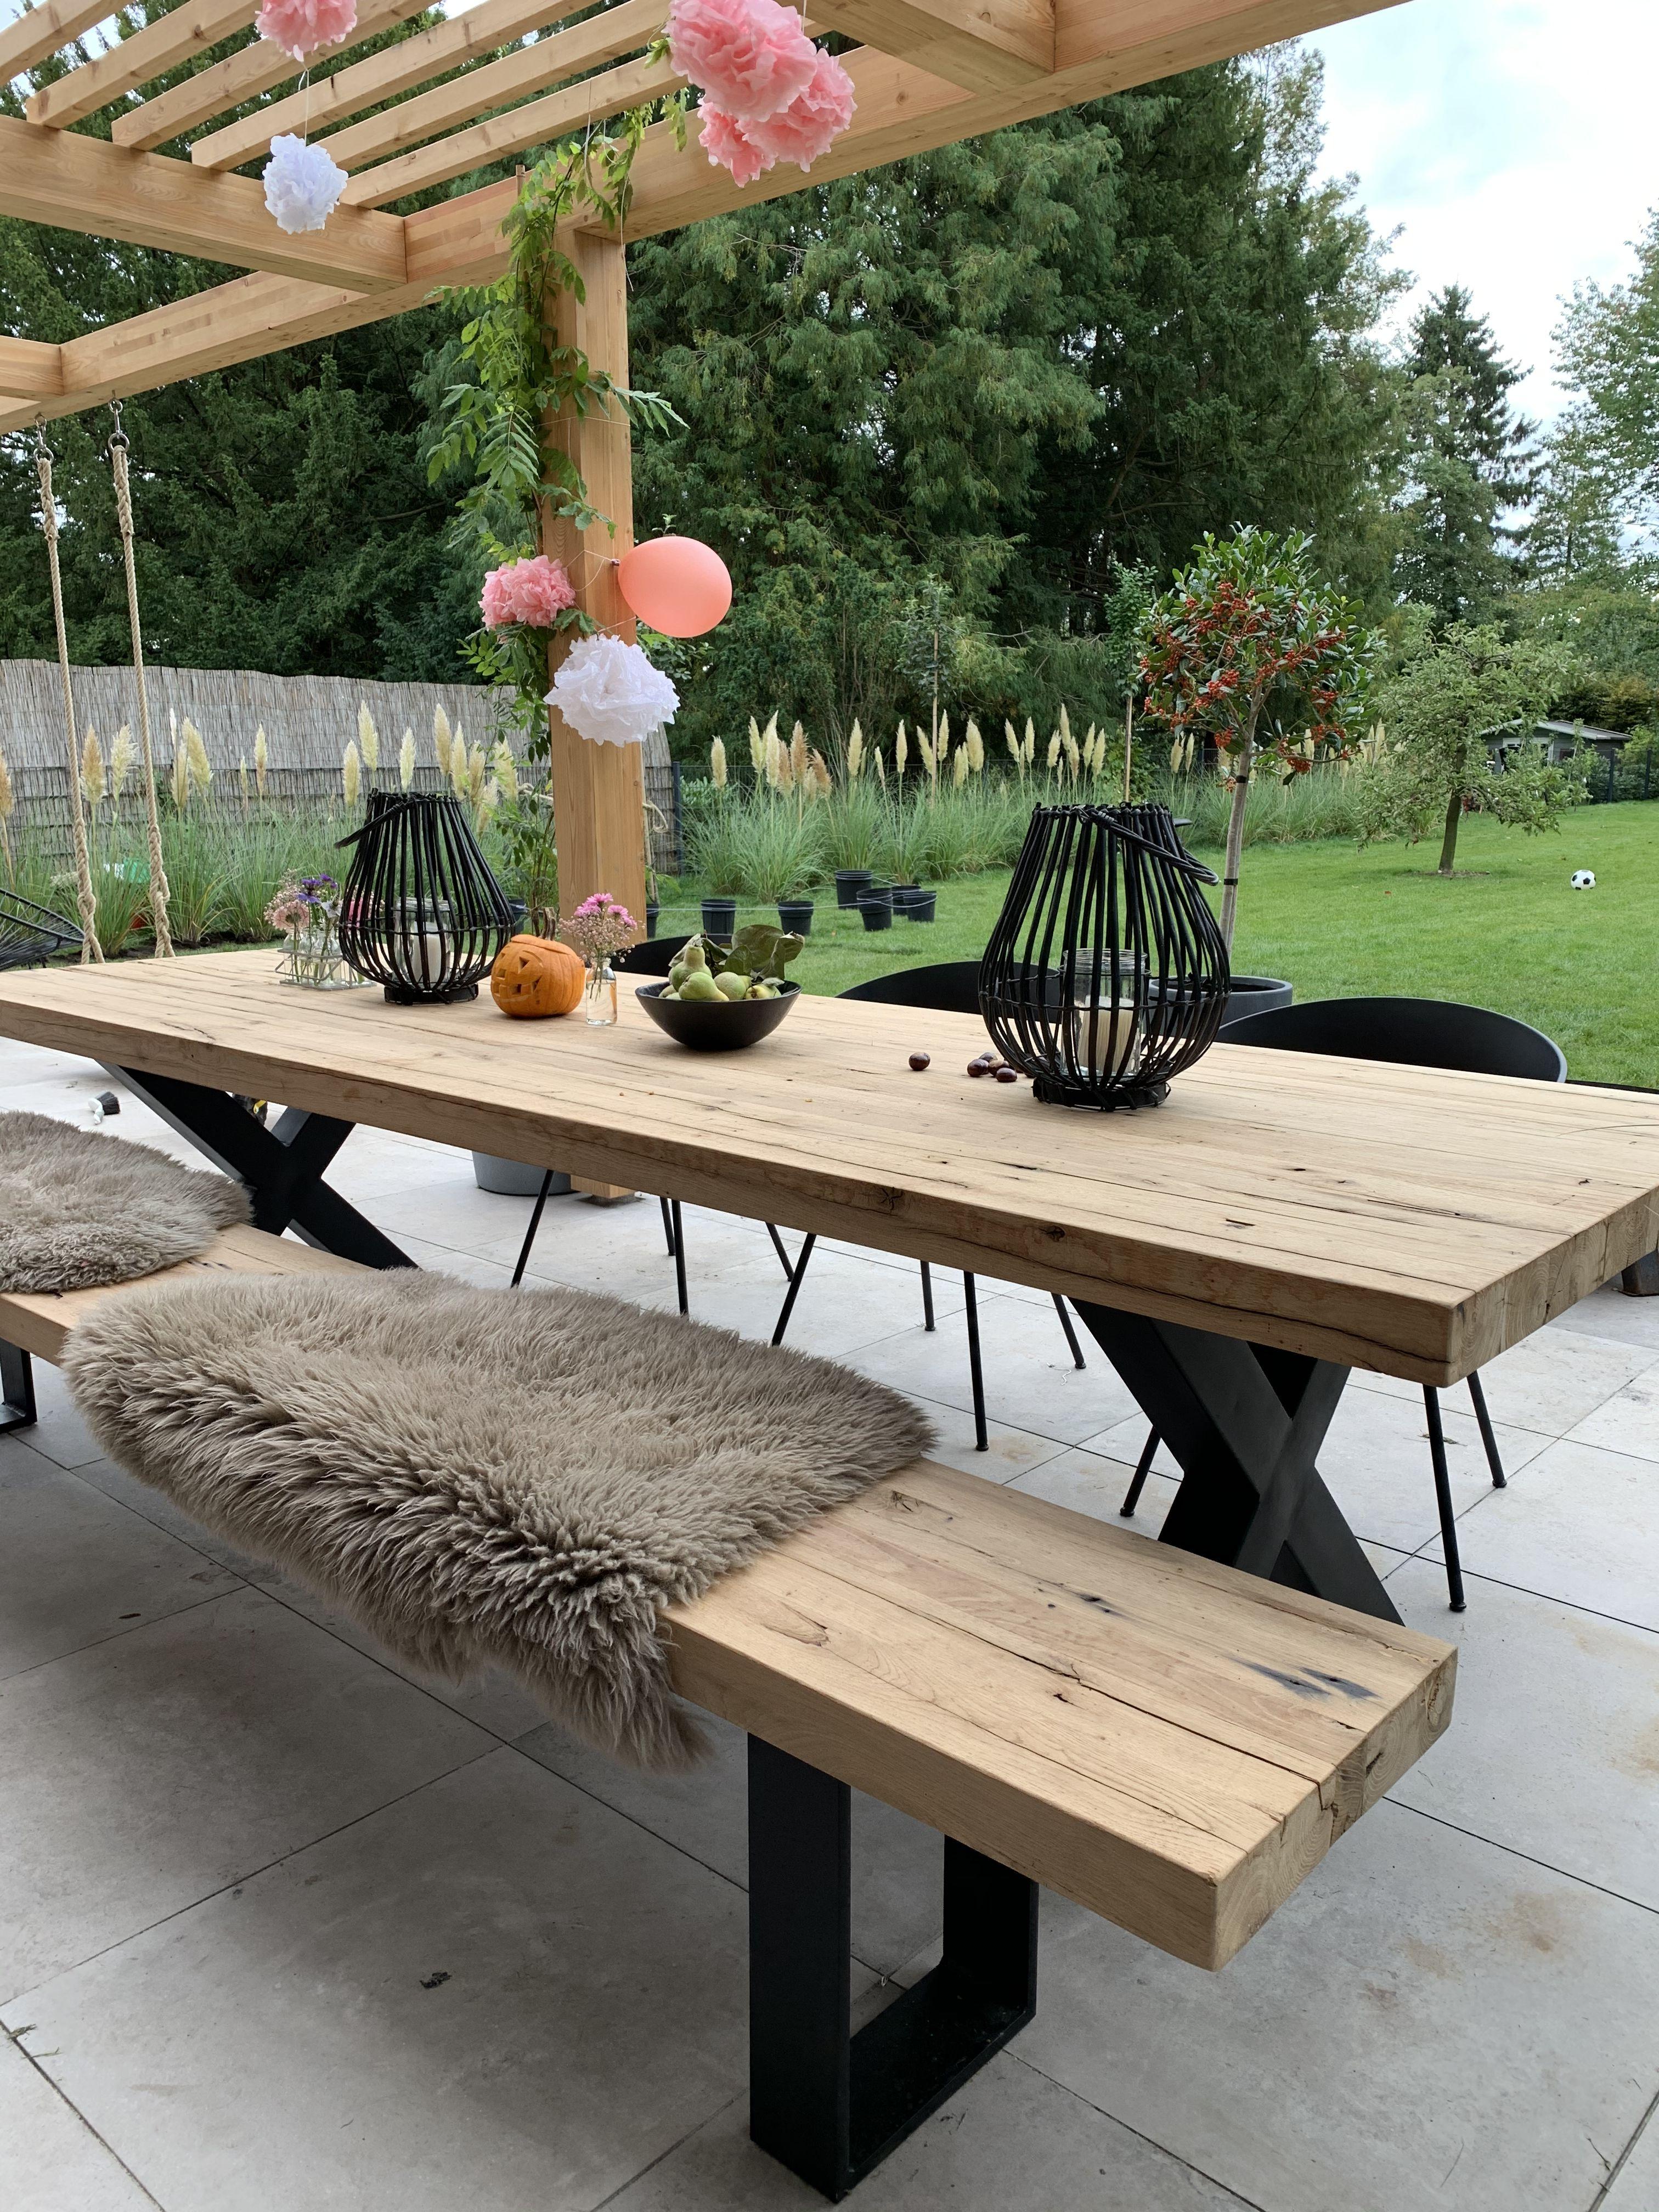 Esstisch Mit Bank Gartentisch Tisch Garten Holztisch Www Holzwerk Hamburg De In 2021 Holztisch Garten Baumstamm Garten Gartentisch